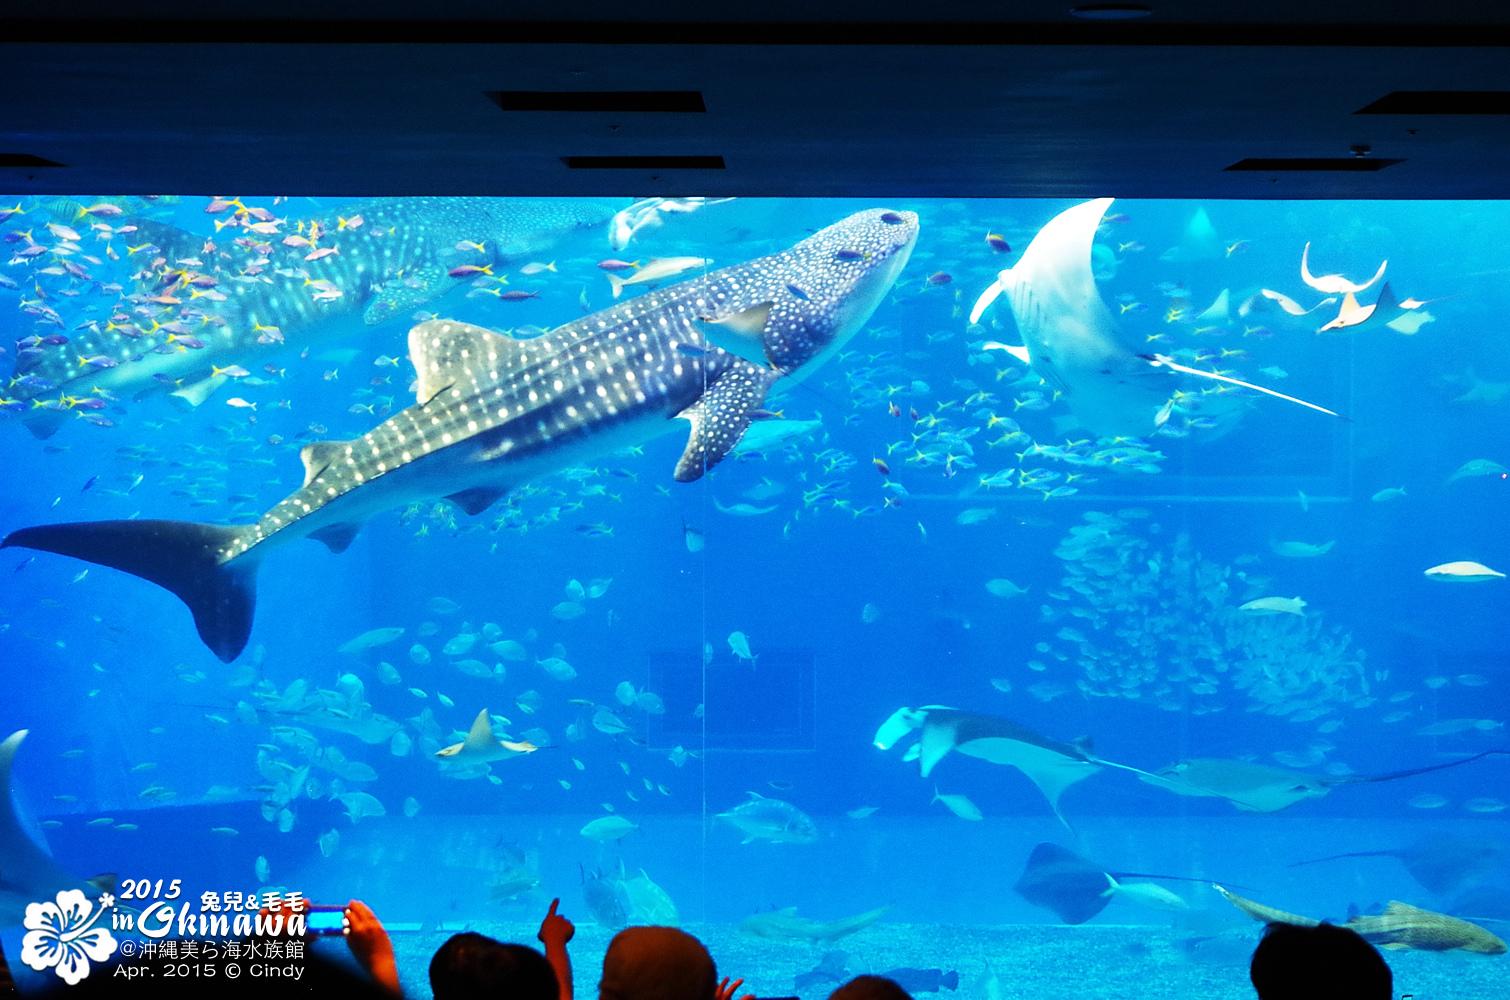 2015-0405-沖縄美ら海水族館-23.jpg